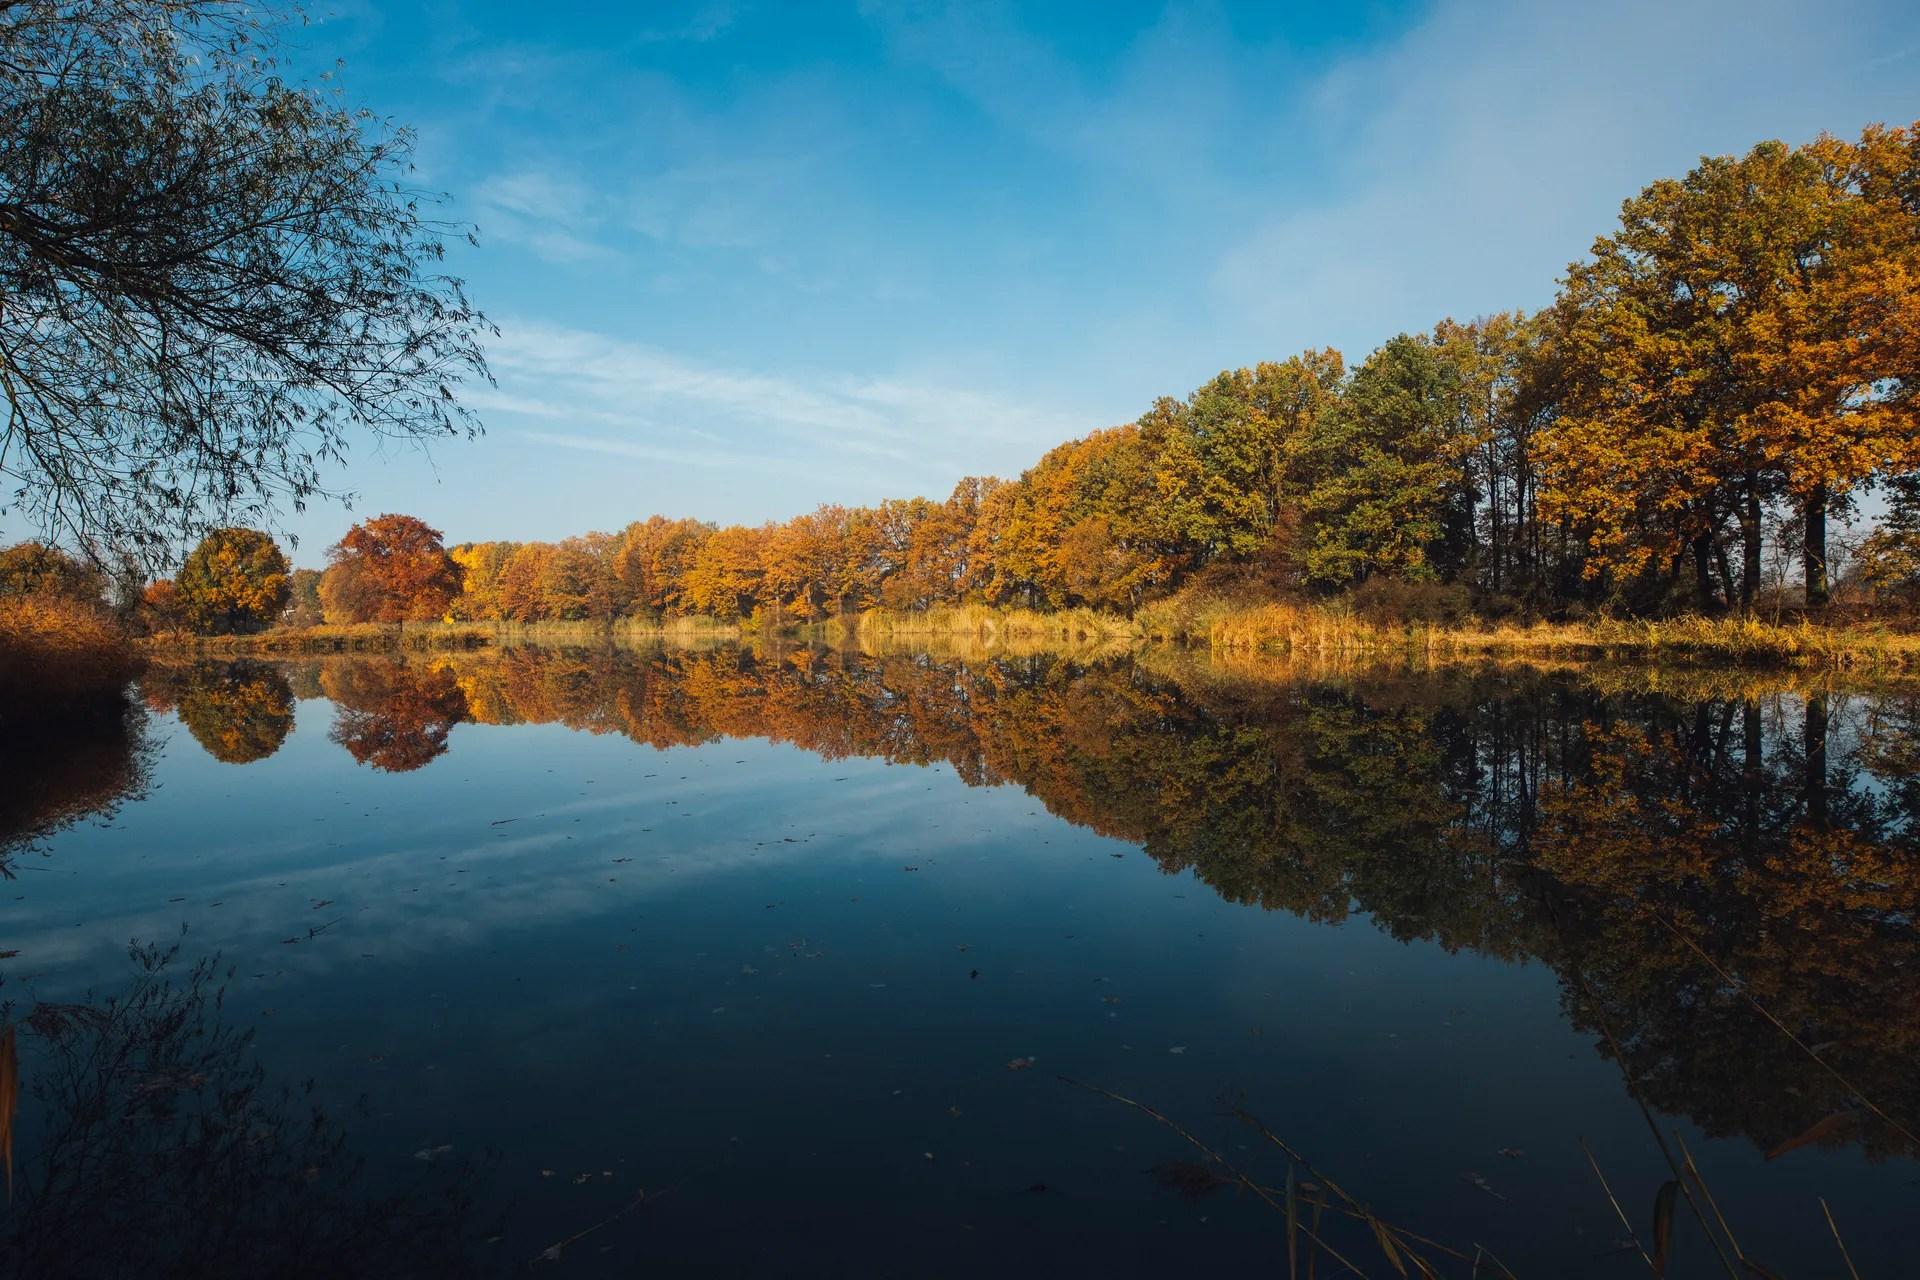 Fall Scripture Iphone Wallpaper New Year New Beginnings Widescreen Wallpaper Wide